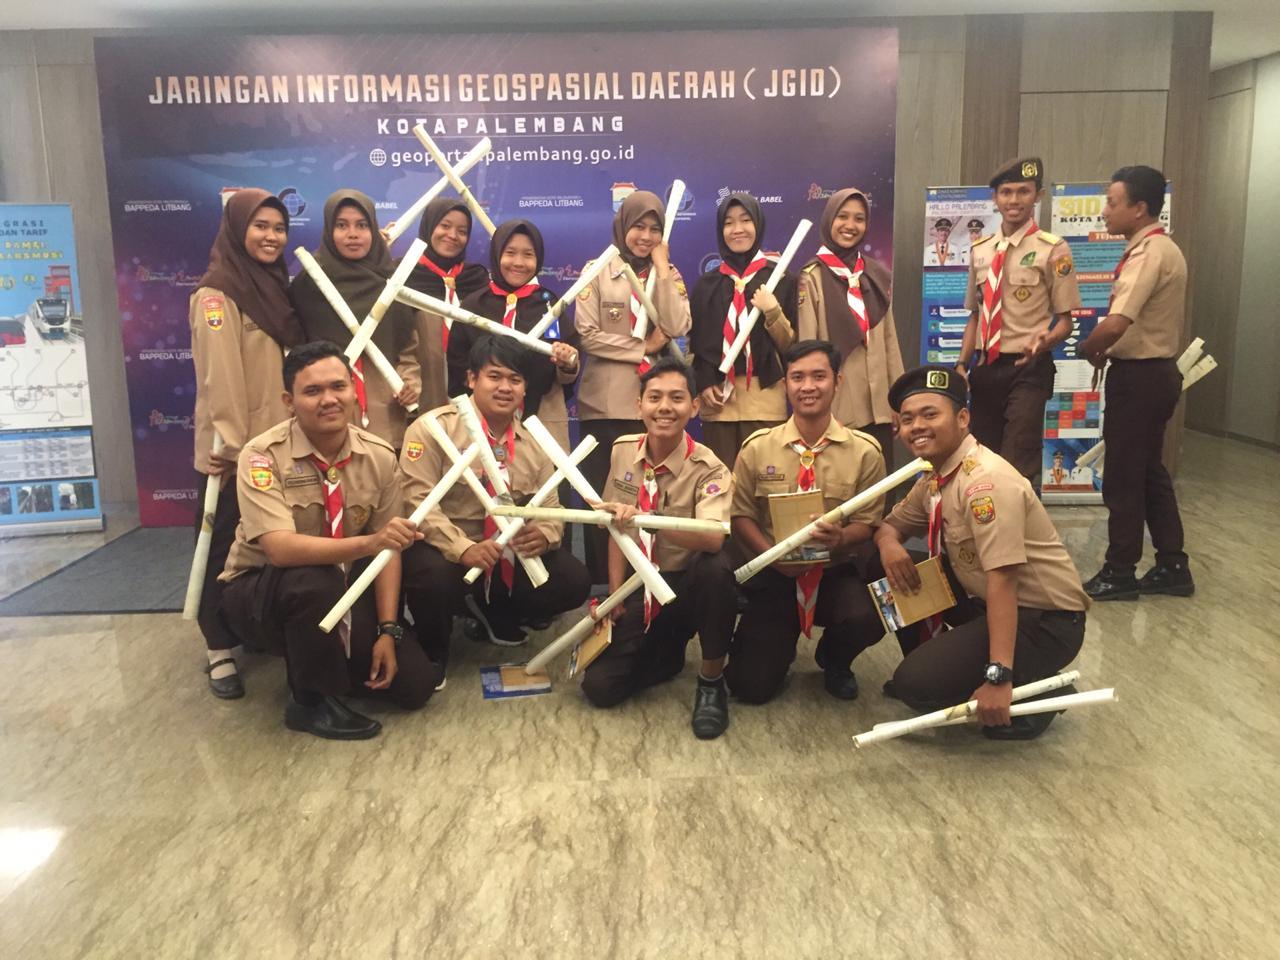 Partisipasi Racana Universitas Bina Darma dalam kegiatan  JIGD kota Palembang